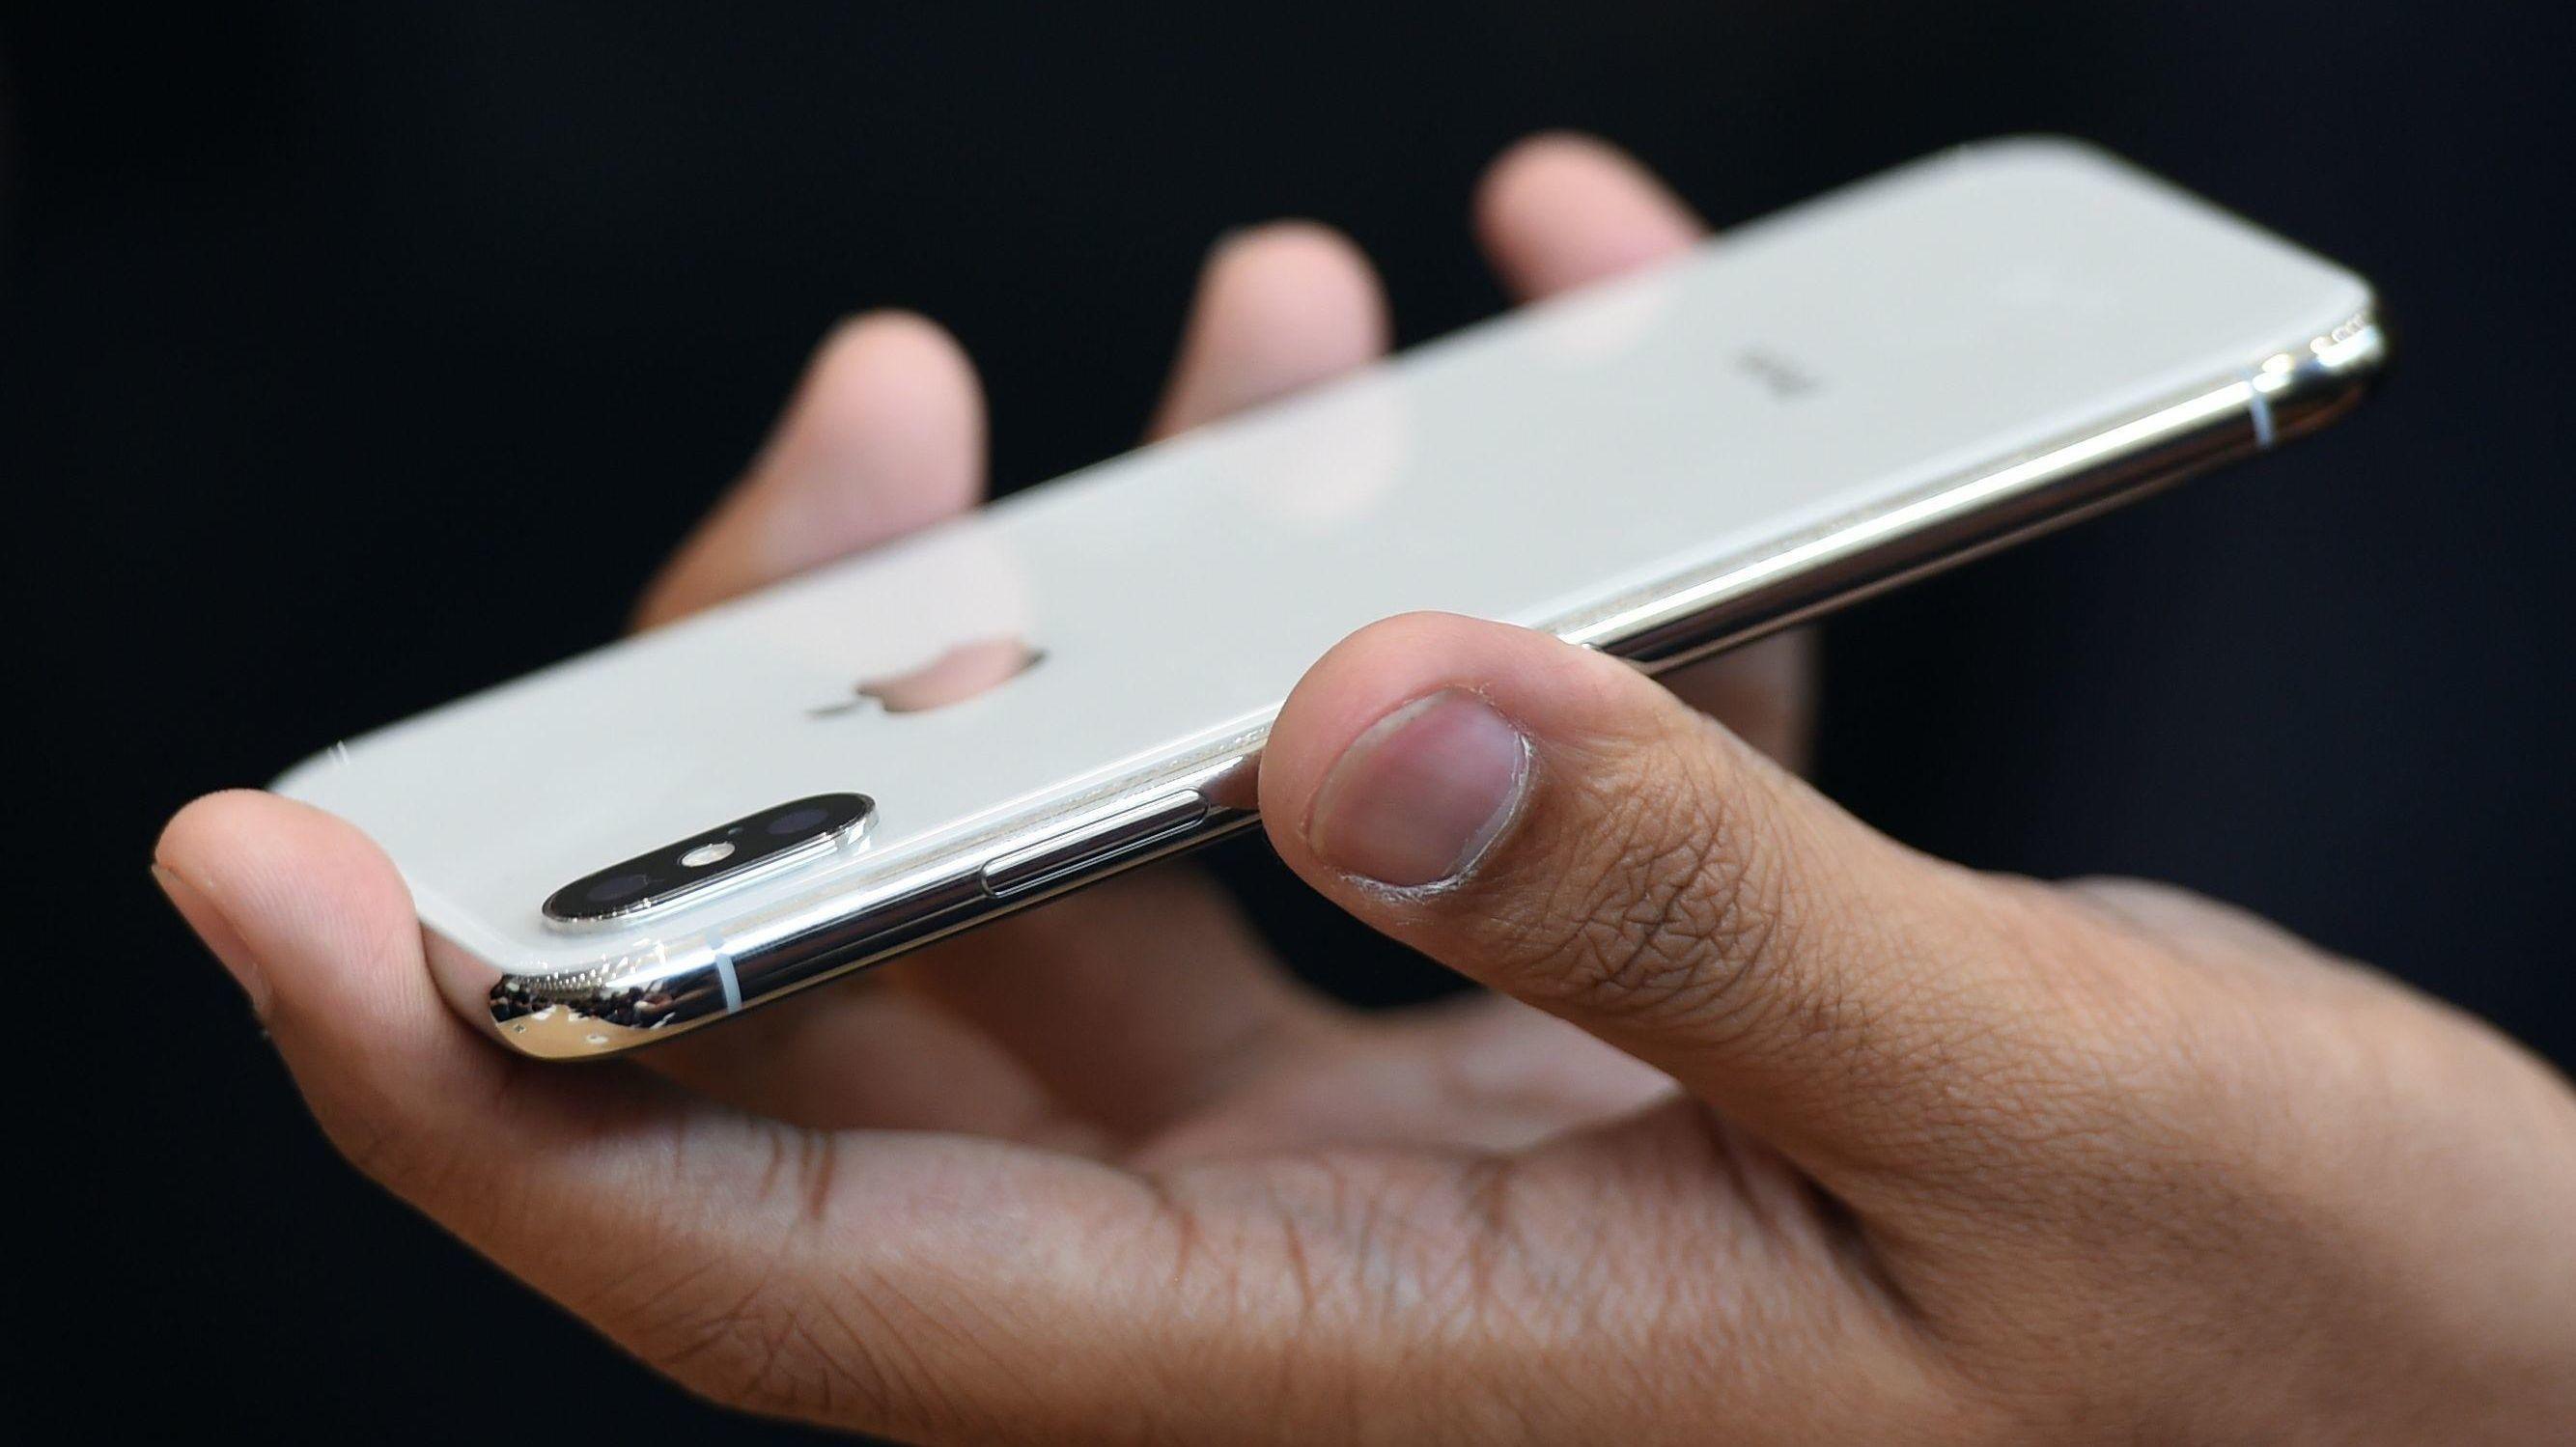 IPHONE X: Apple har avduket mobilnyheten iPhone X (uttales «iPhone 10») . Utførelsen i glass og aluminium gjør det nå mulig å lade mobilen trådløst.